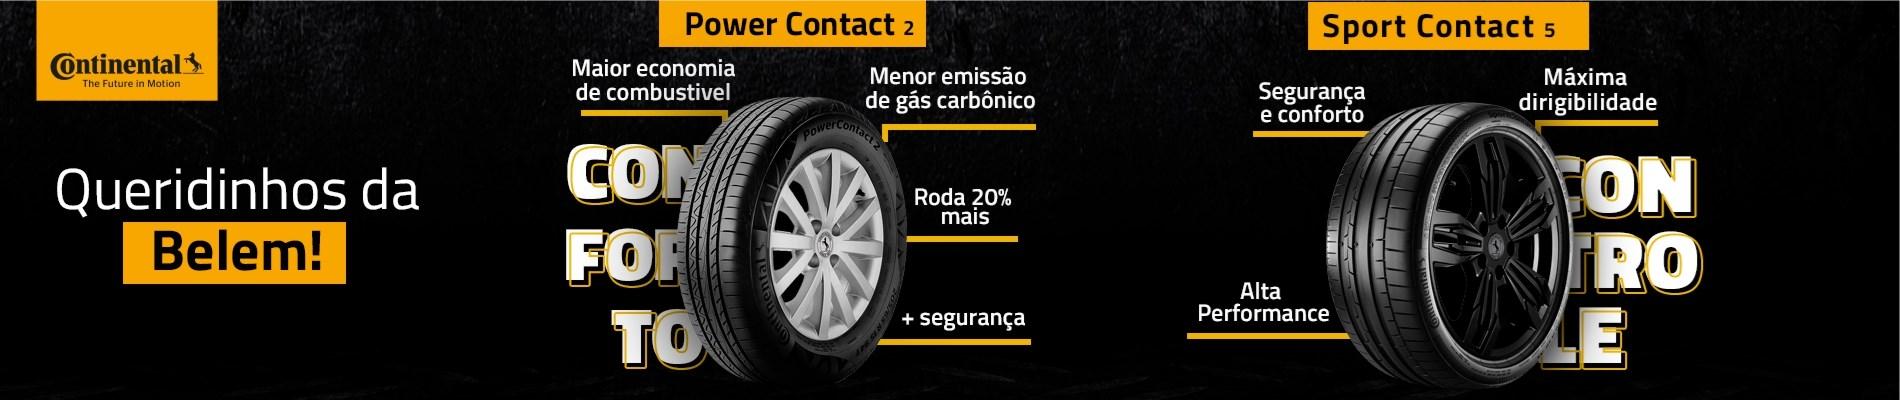 Promoção de pneus altimax 175/70r13